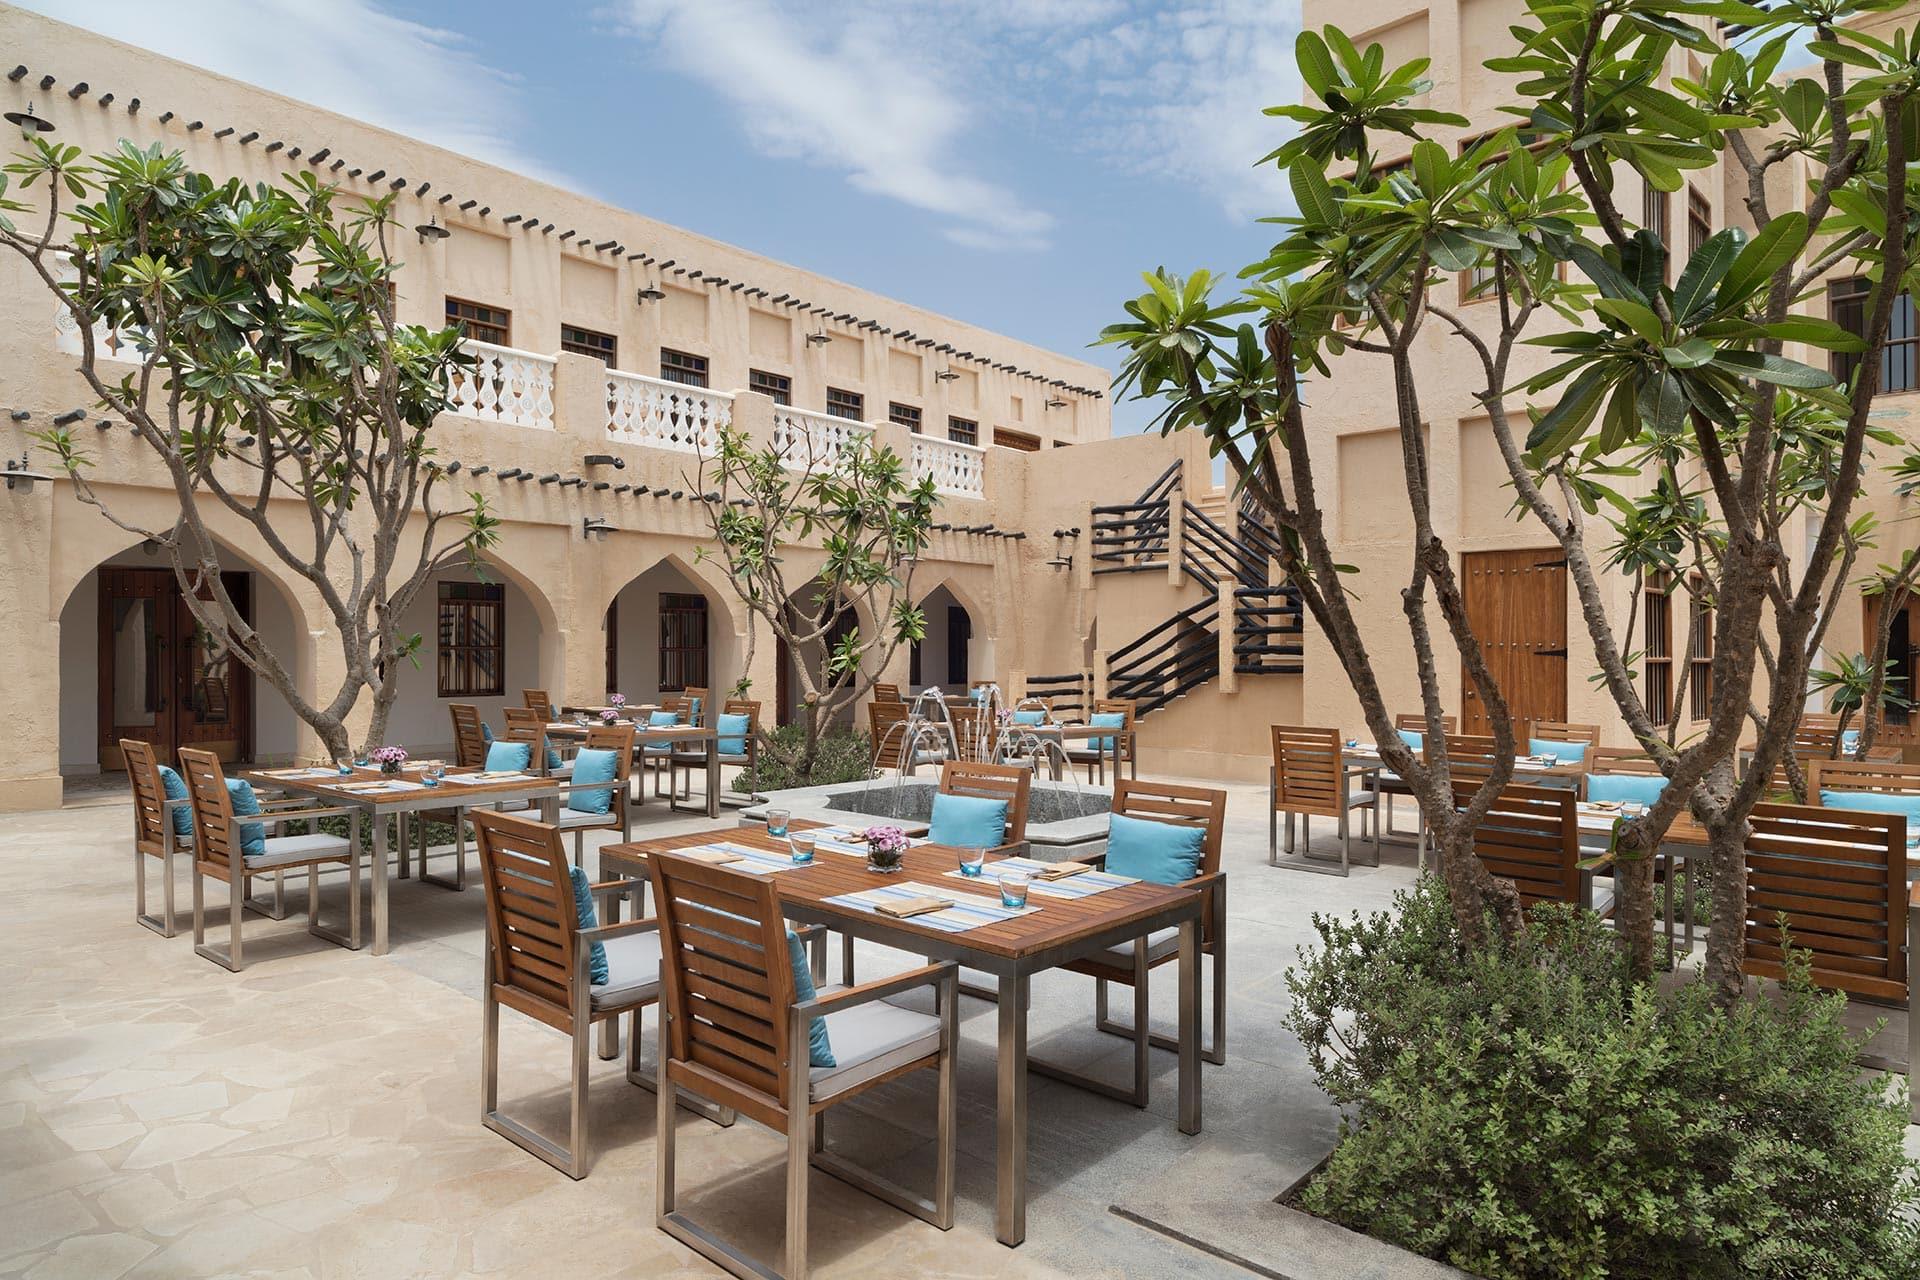 Souq Al Wakra Hotel Qatar by Tivoli - Jarnen